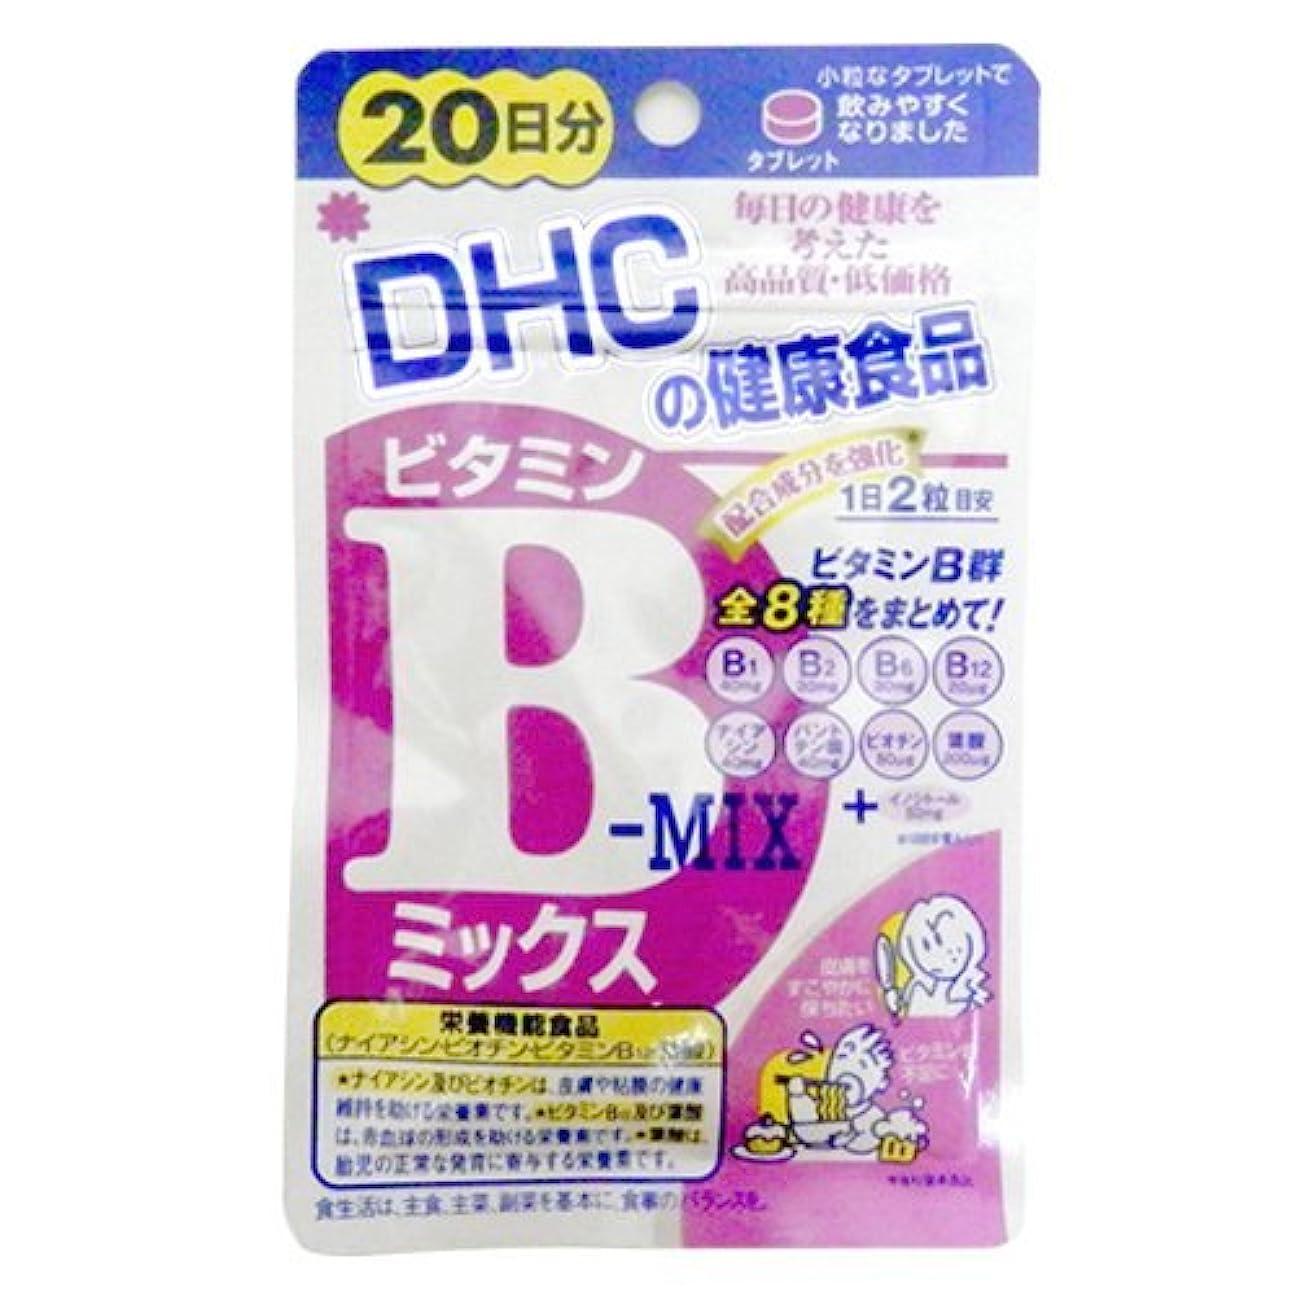 現象層一目DHC ビタミンBミックス 20日分 40粒